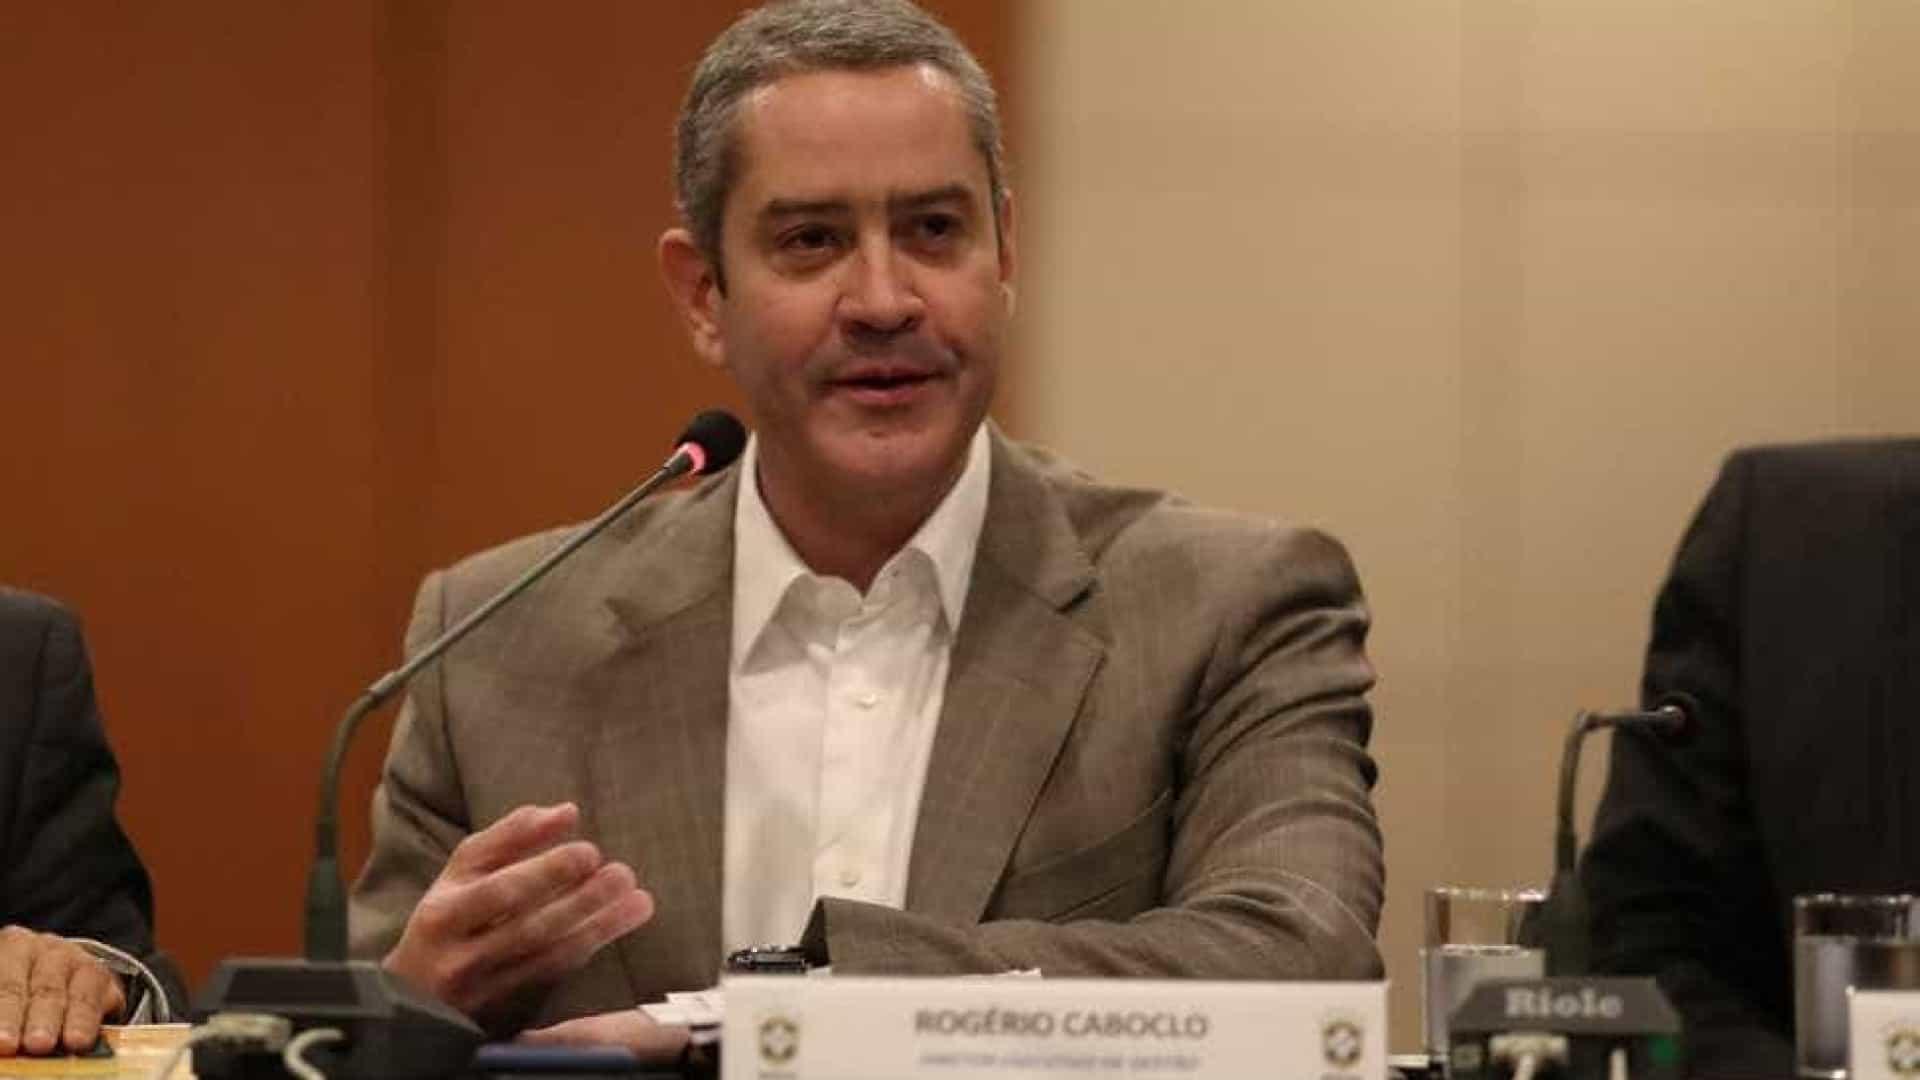 naom 5b1a3af2a0be4 - Rogério Caboclo, presidente da CBF, defende continuidade do futebol